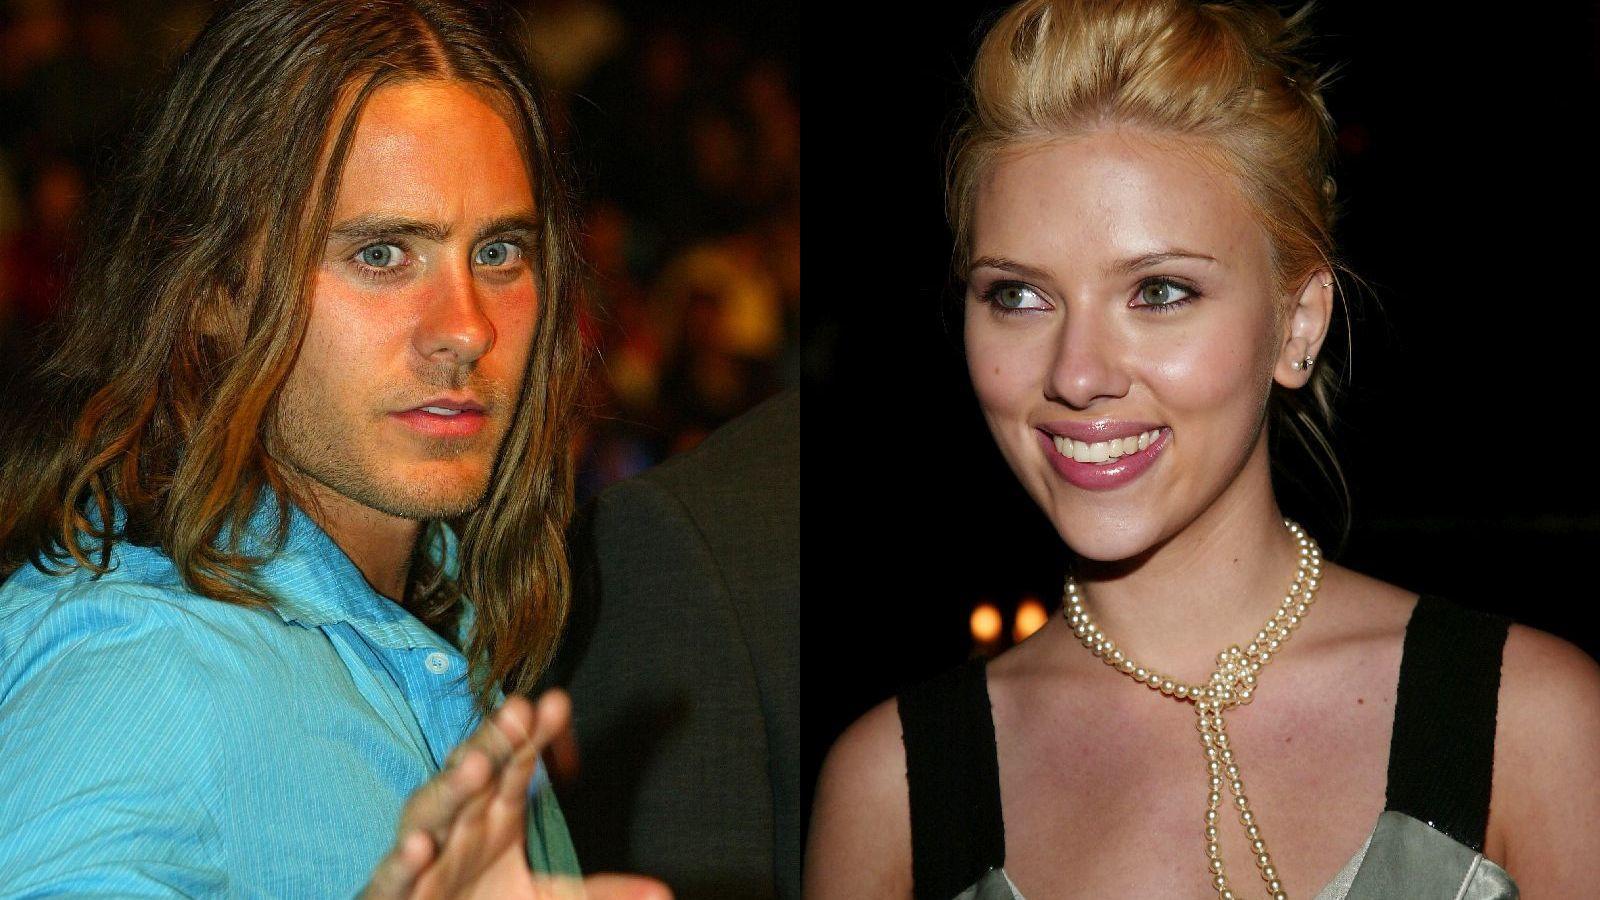 ...Jared Letóval, de a románc nem tartott sokáig. Jared mindig is imádta a szép nőket, hódításainak listáján szerepel például.. (Getty Images)